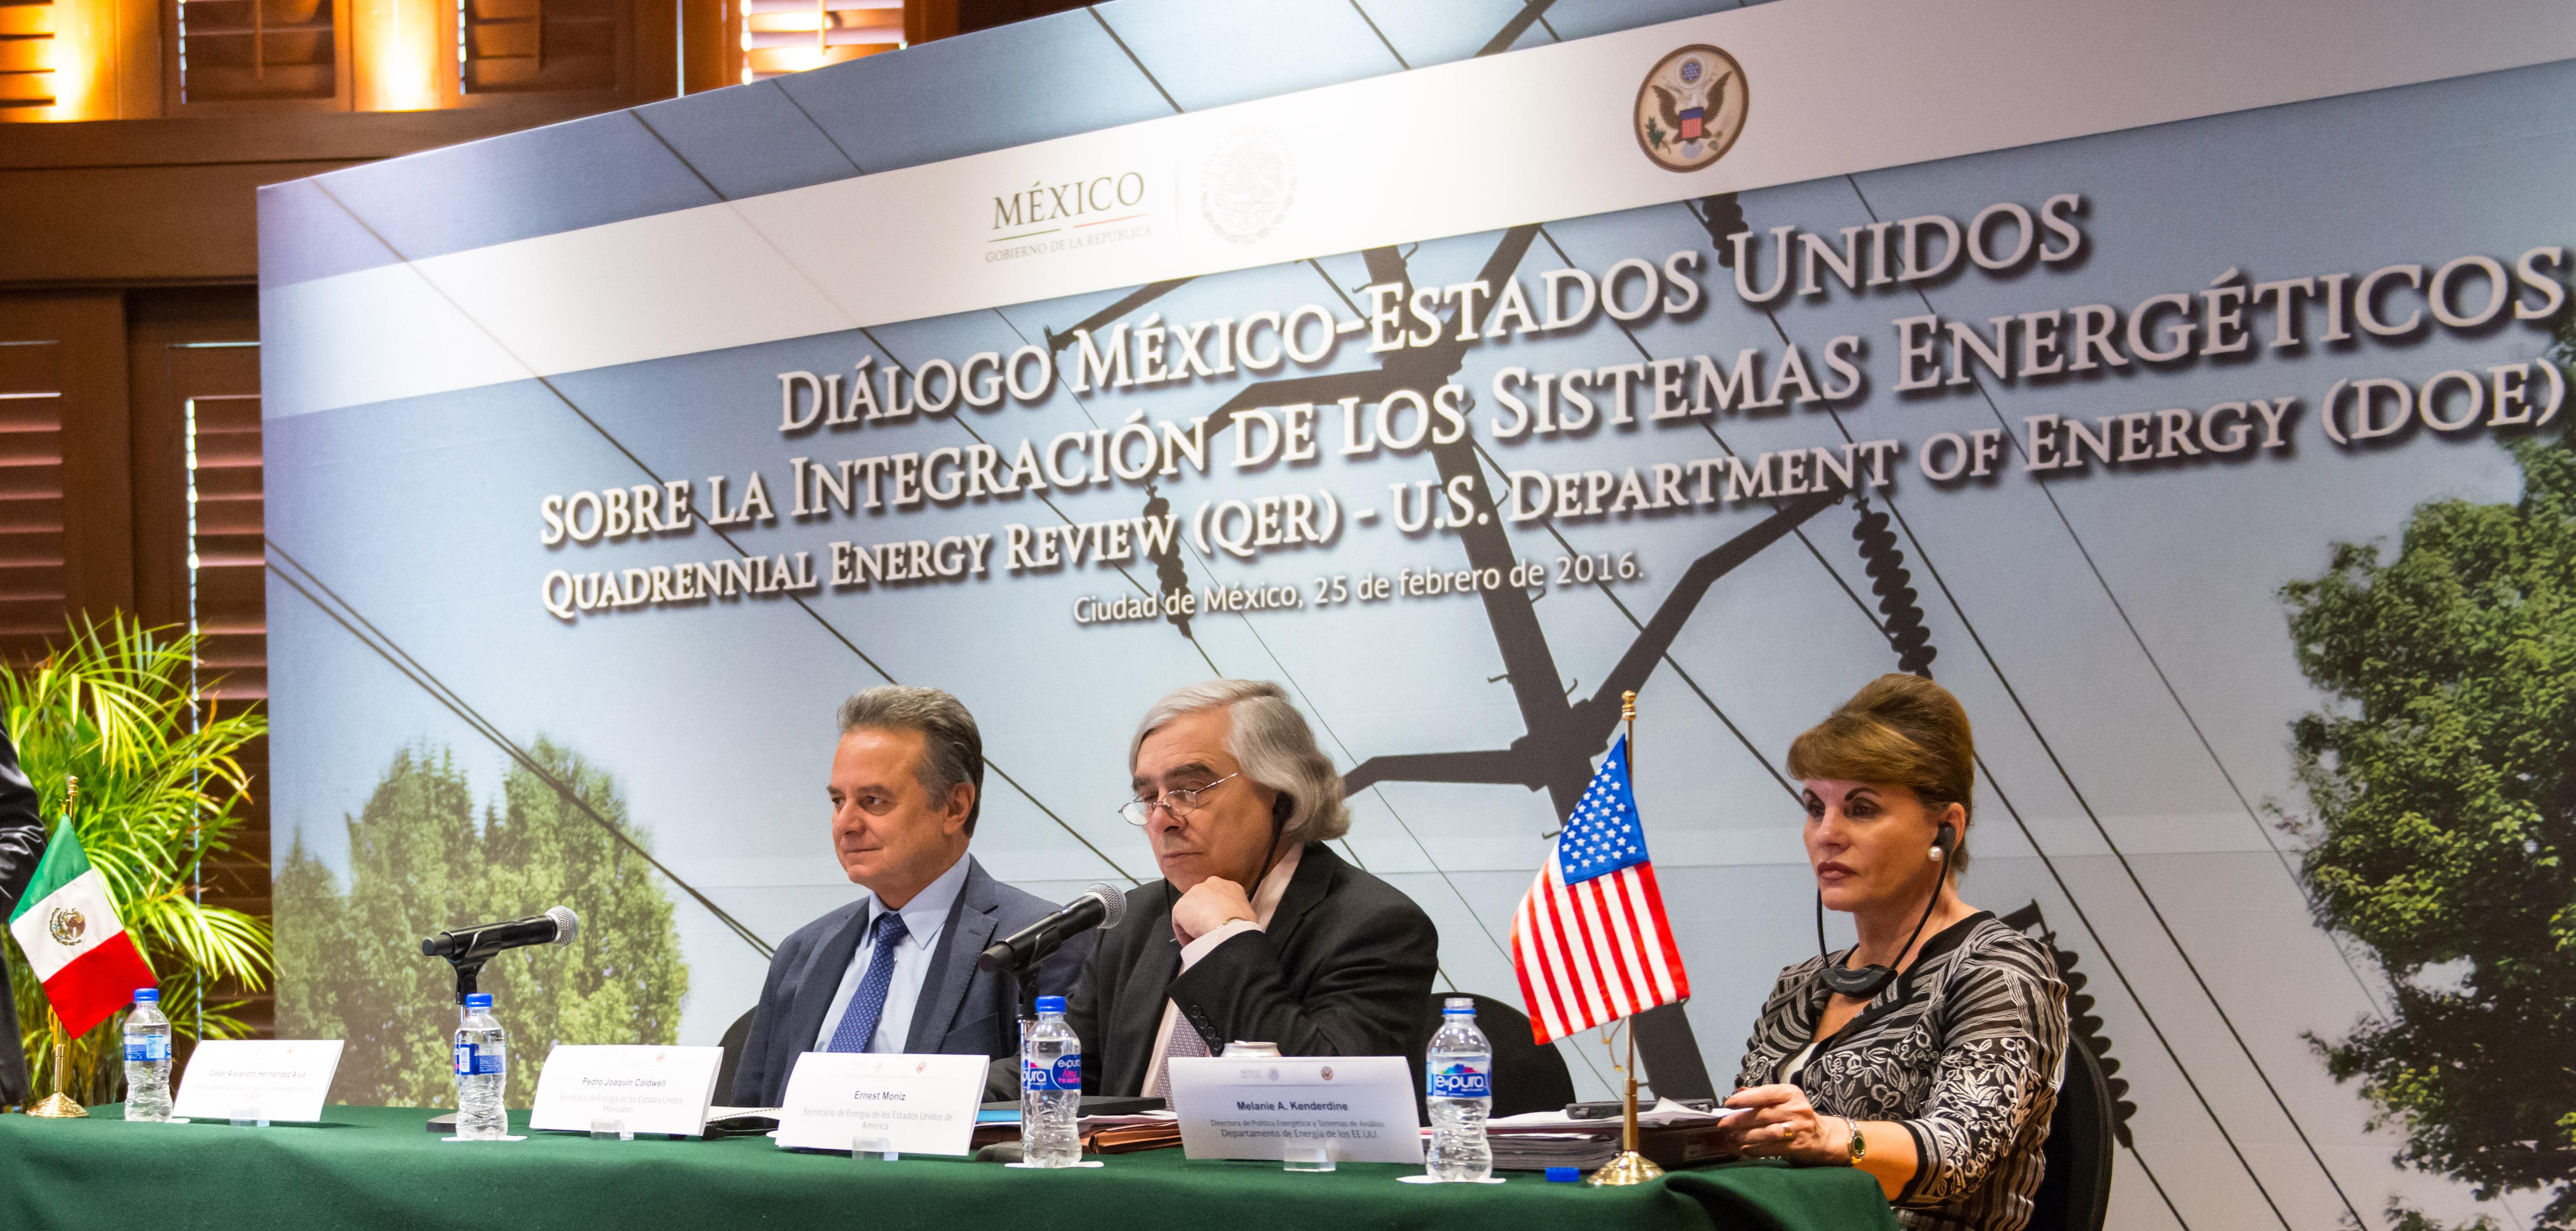 En marcha la integración energética entre México y Estados Unidos a través de la apertura de nuevas oportunidades en el sector